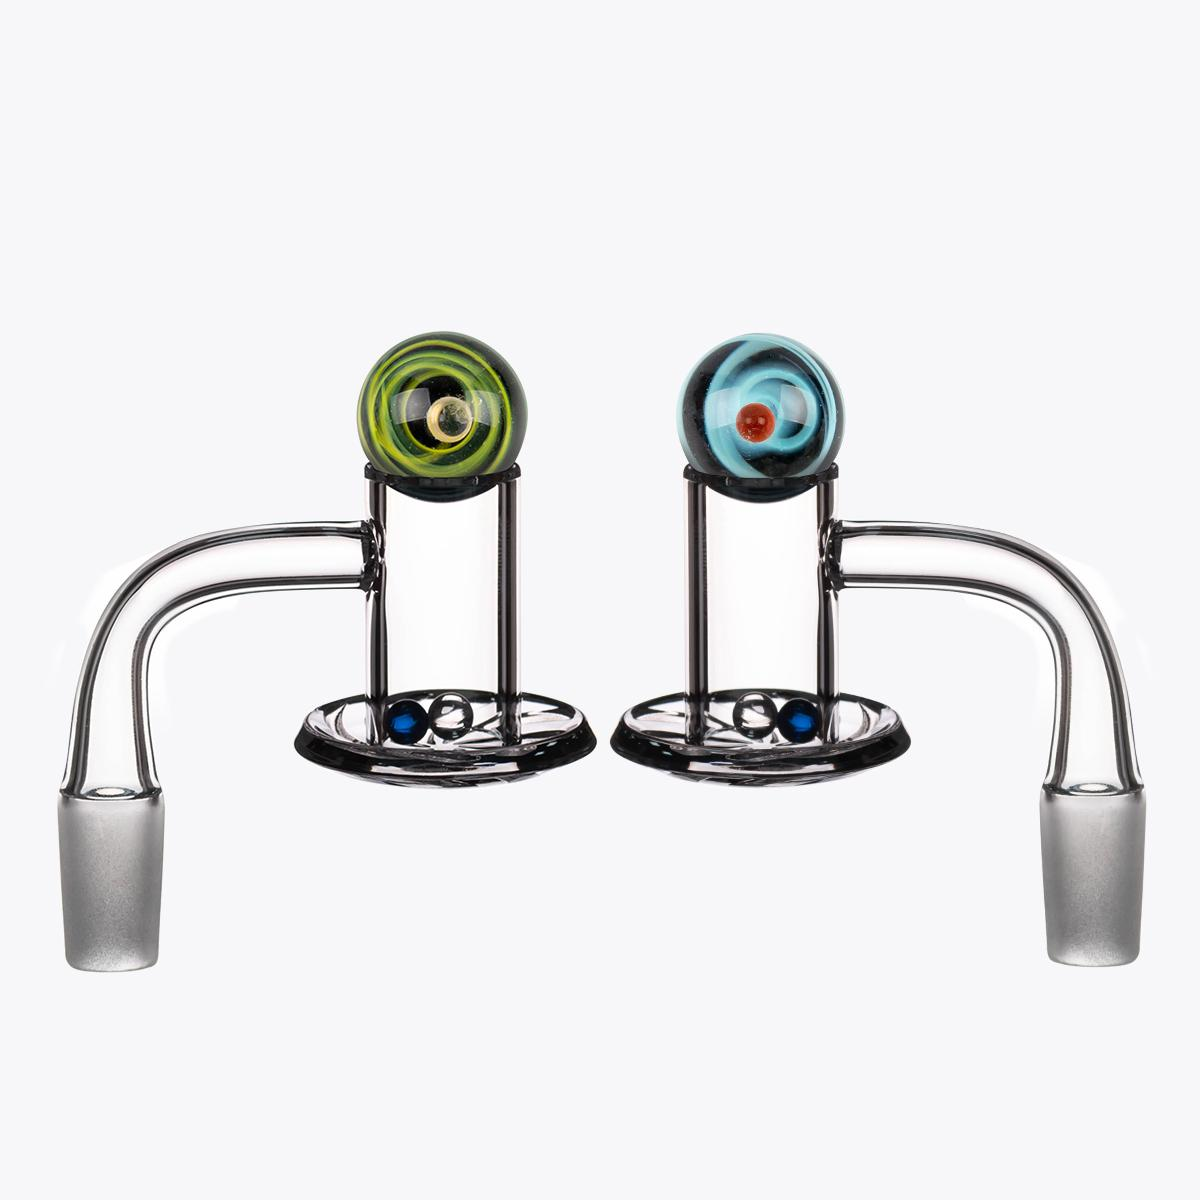 Acessórios para fumar Terp Slurper Banger de quartzo com esferas de vidro Beads 10mm 14mm 18mm Masculino feminino 45 ° 90 ° para água Bong